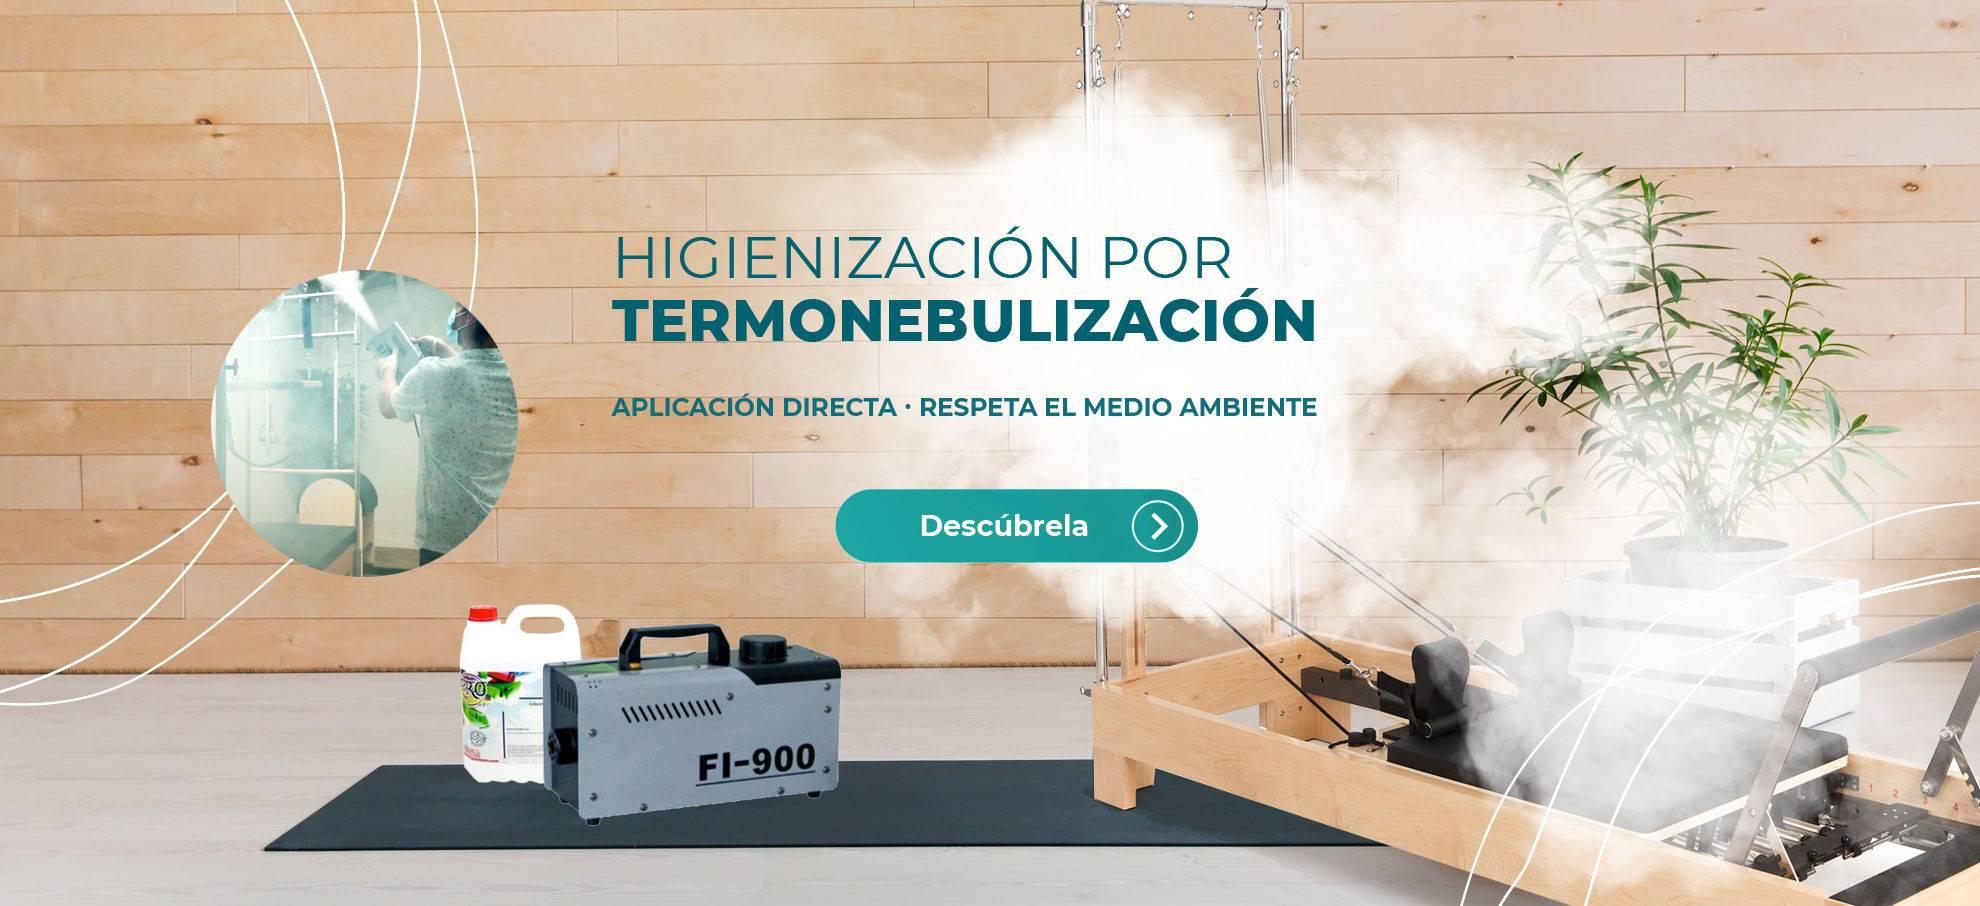 Máquina desinfectante por Termonebulización